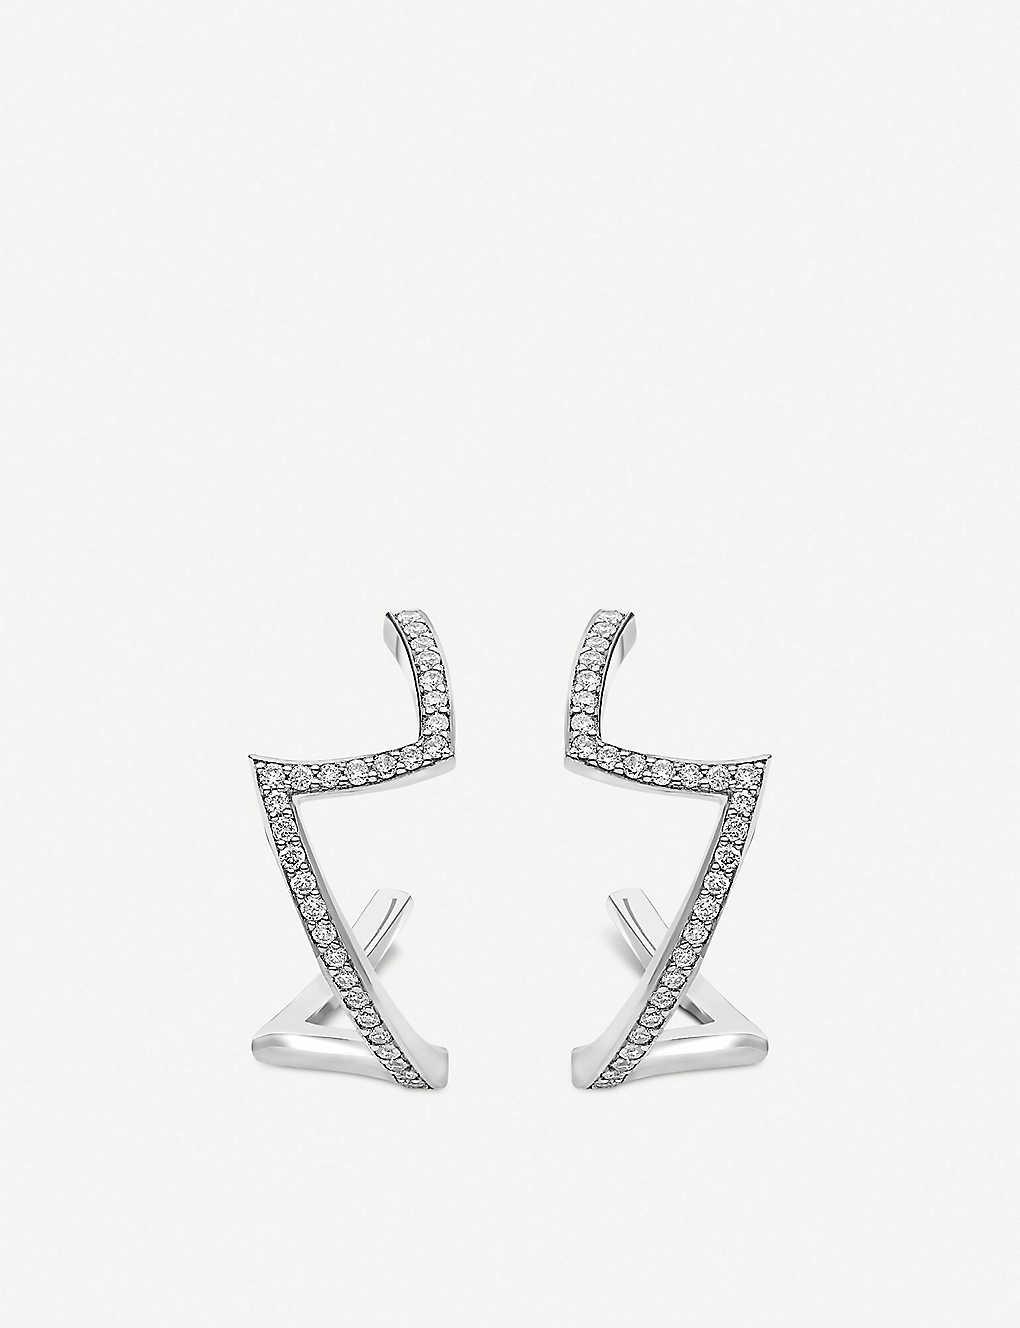 Diamond-set platinum earrings